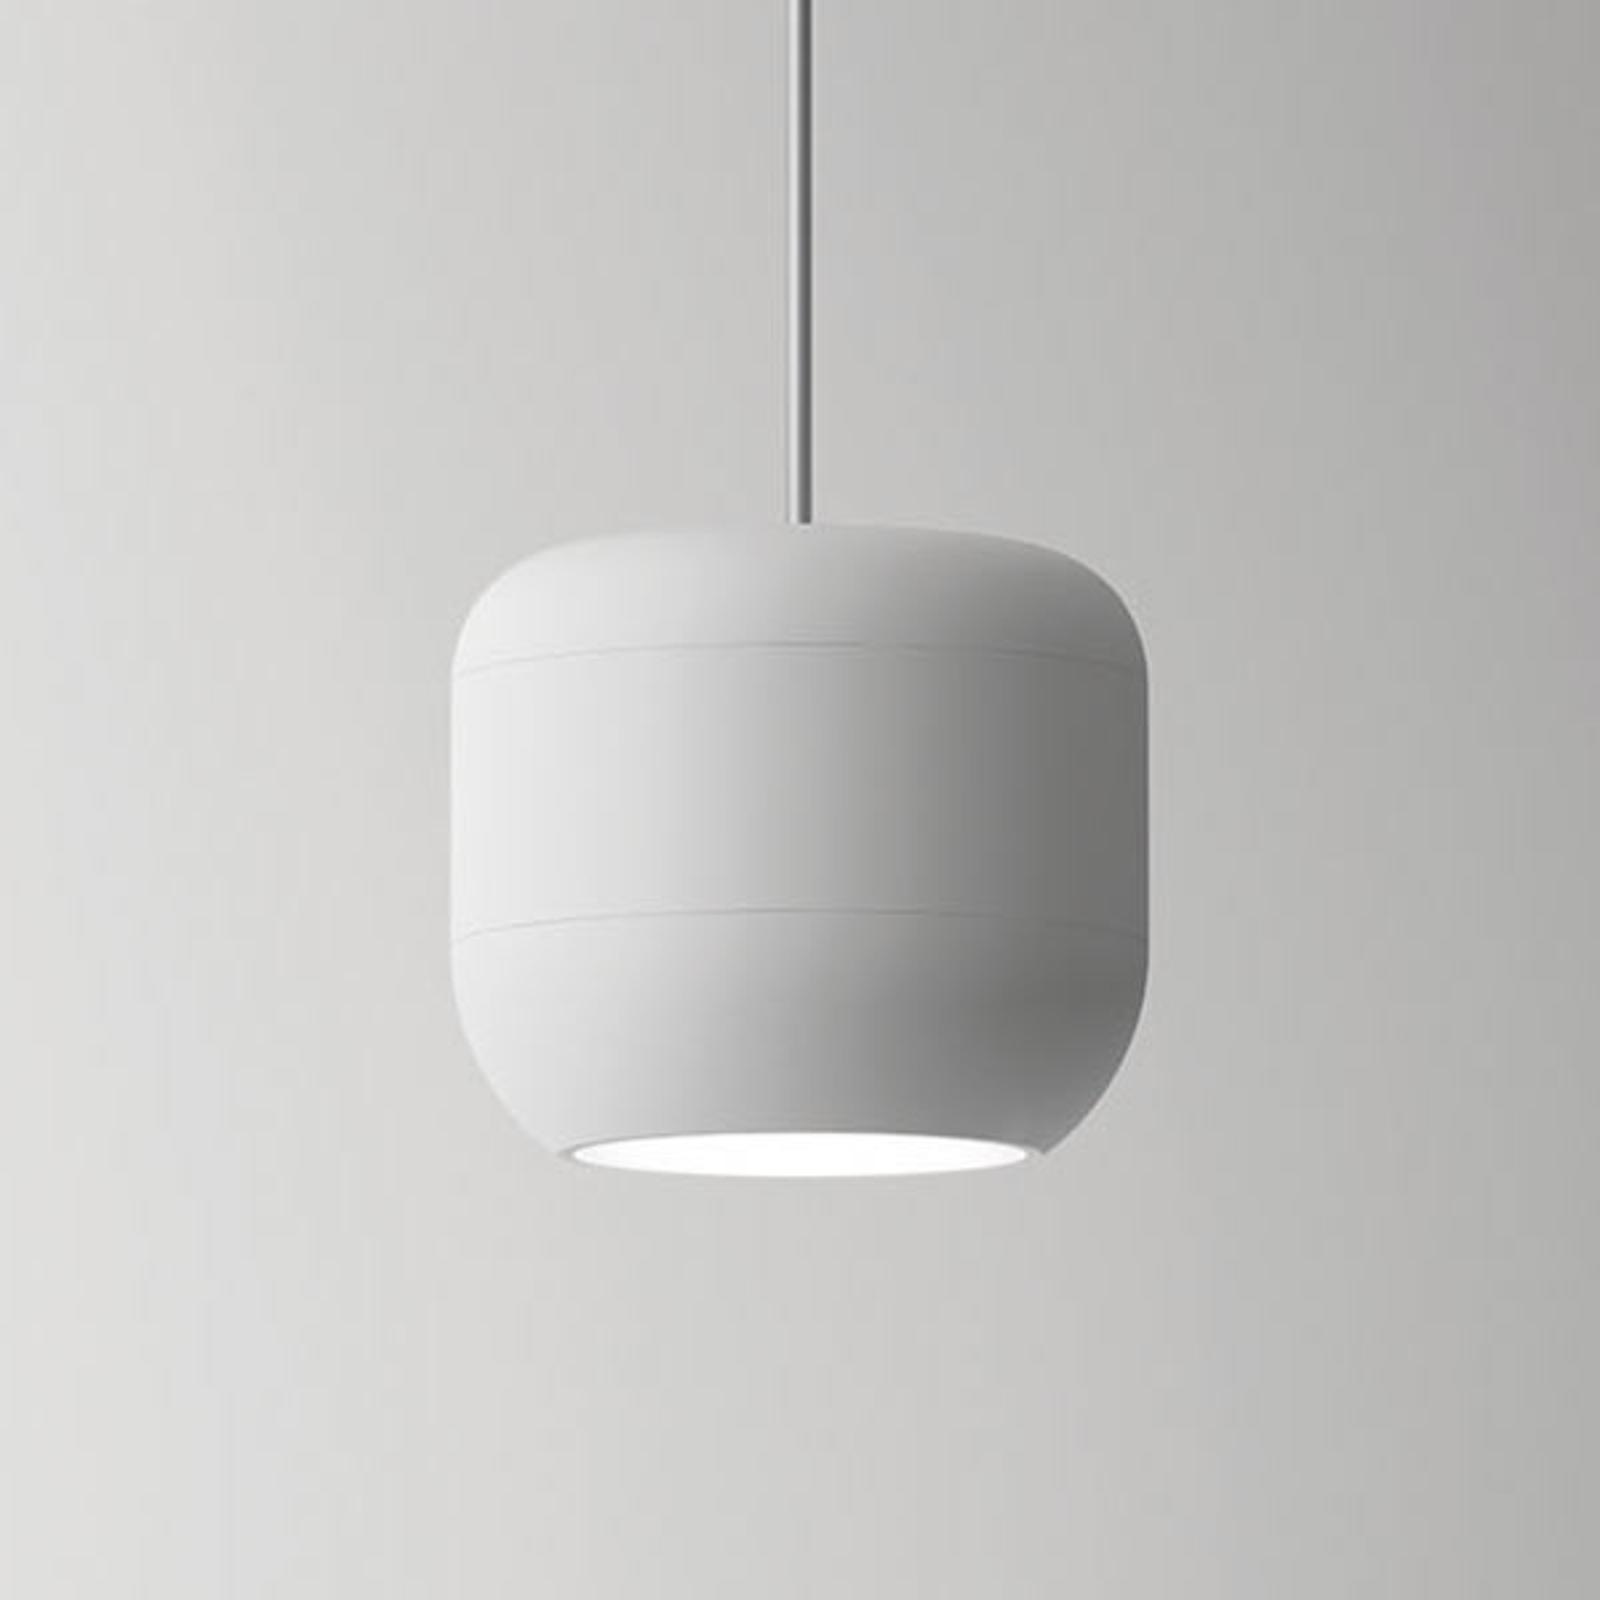 Axolight Urban LED-Pendelleuchte 16 cm weiß